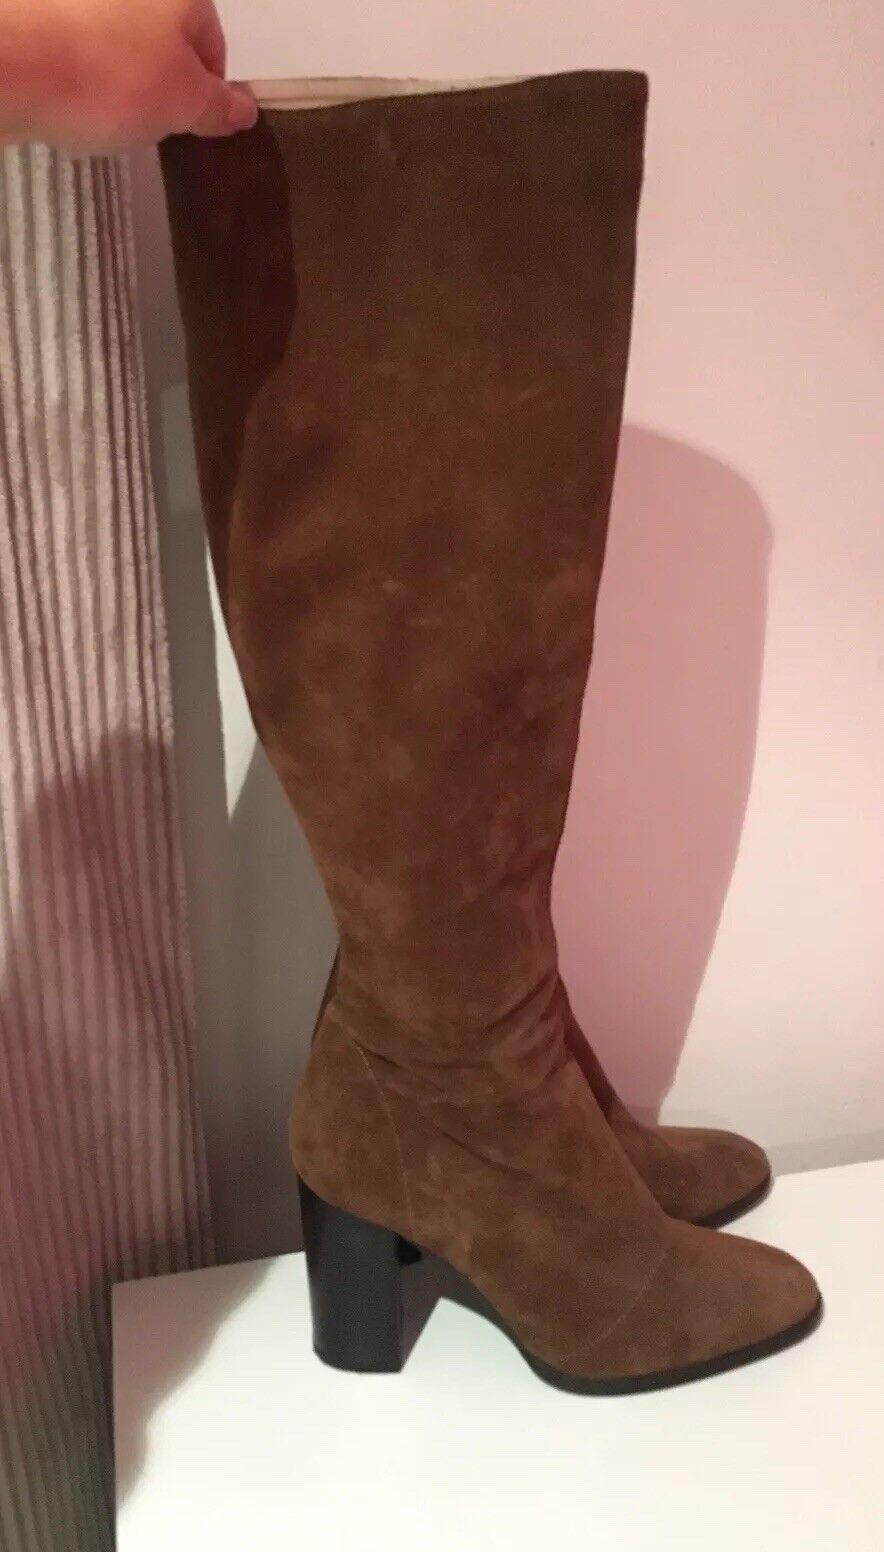 Zara Suede High Heeled Knee High Stiefel - Größe 7 - Only Worn Once